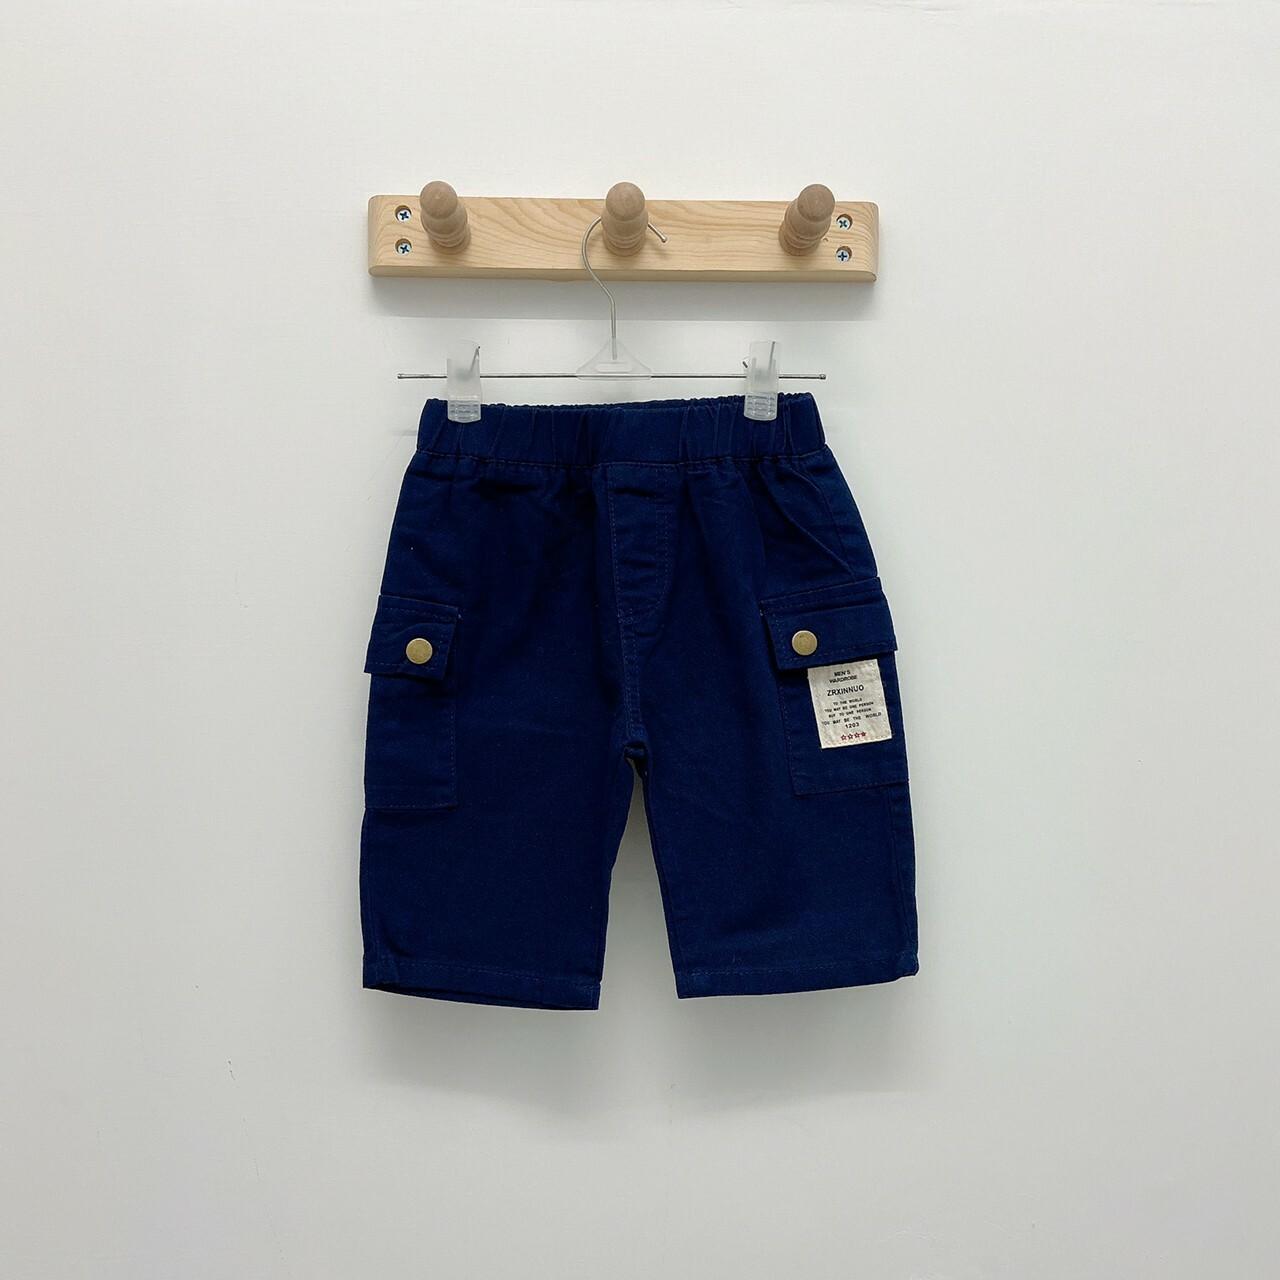 褲裙短 五~七分褲_210803_26.jpg